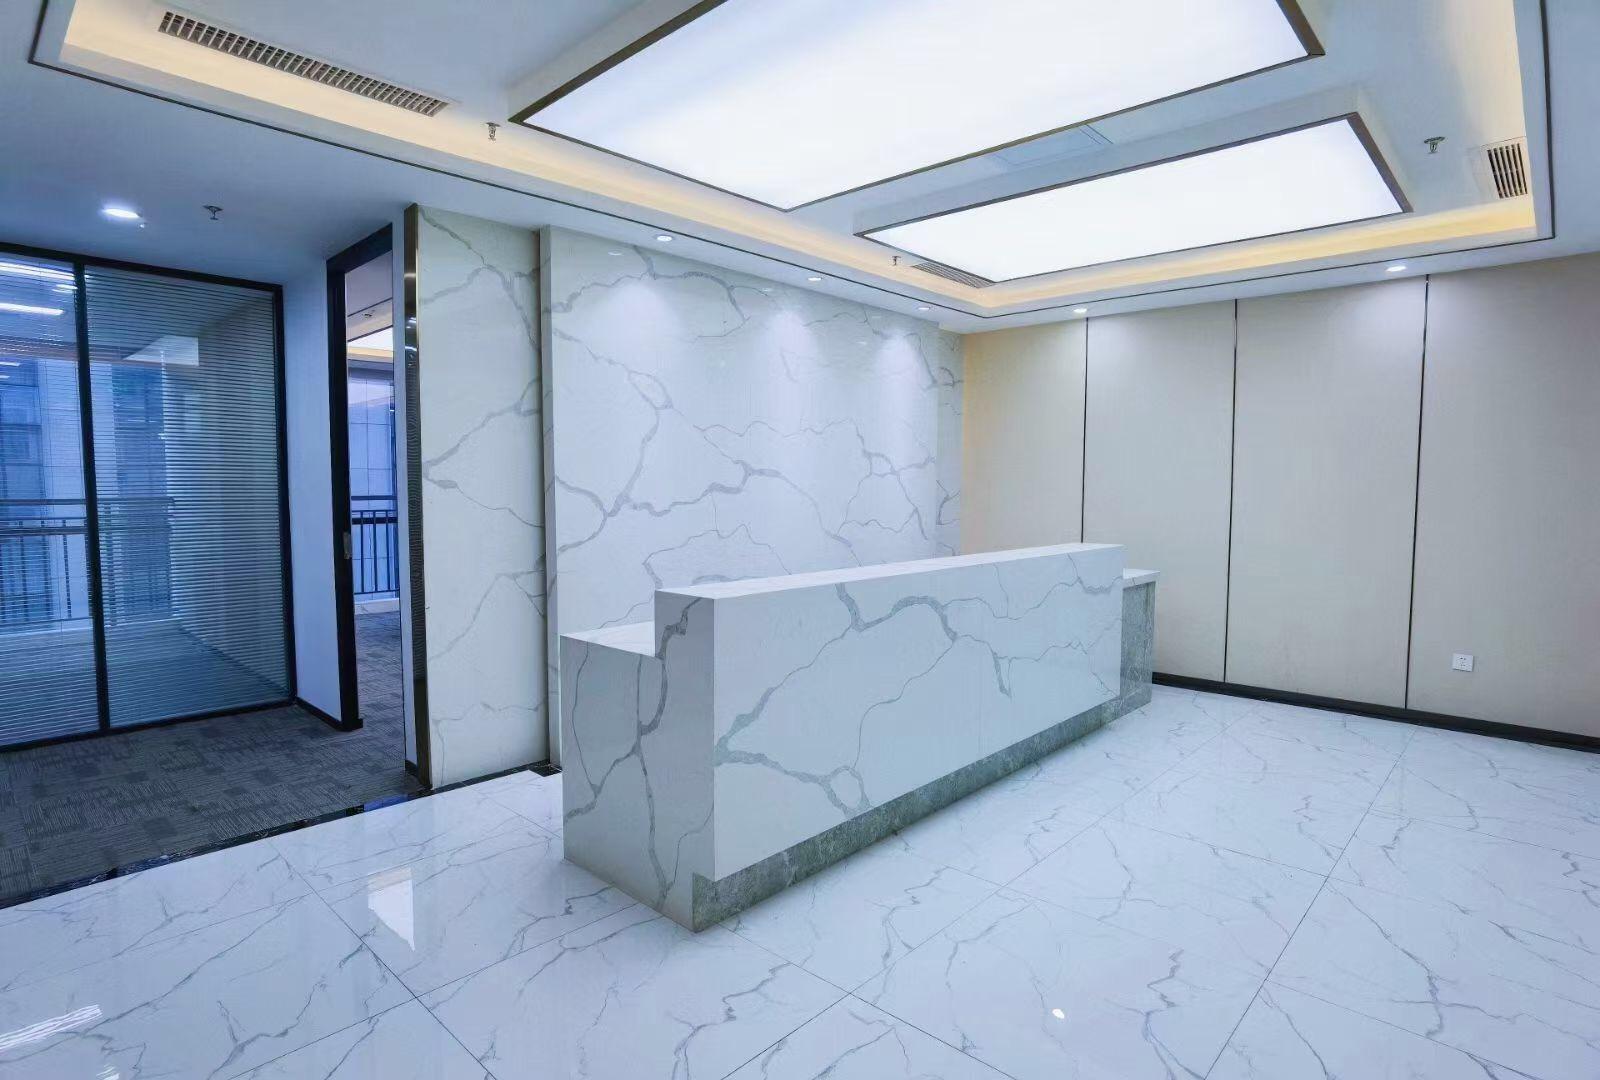 深圳大型办公楼出租南山科技园深大地铁口腾讯总部旁